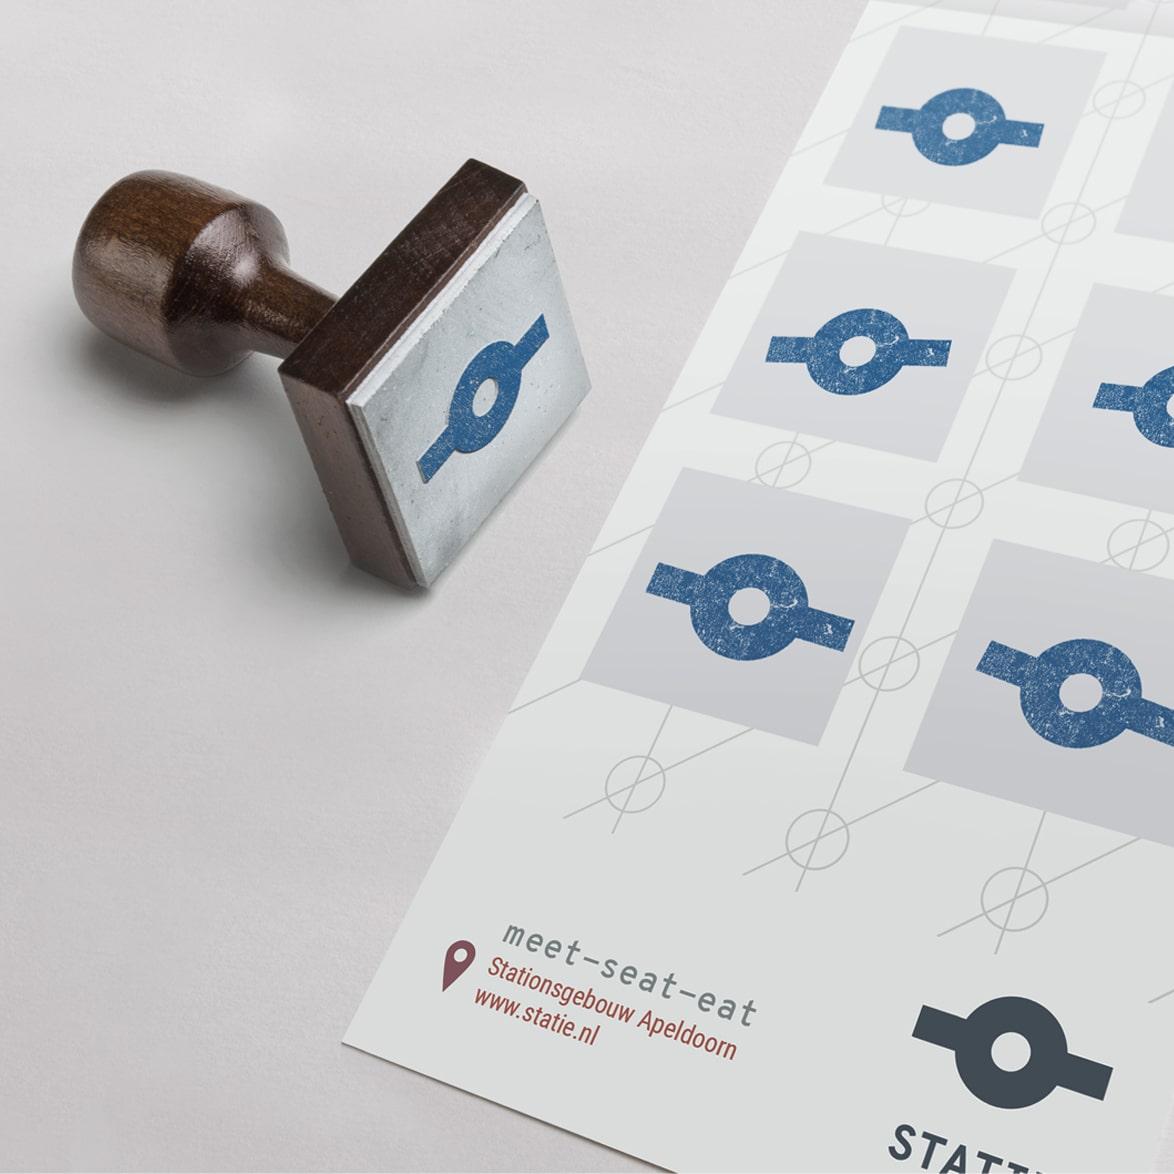 Stempel en stempelkaart van Statie met logo